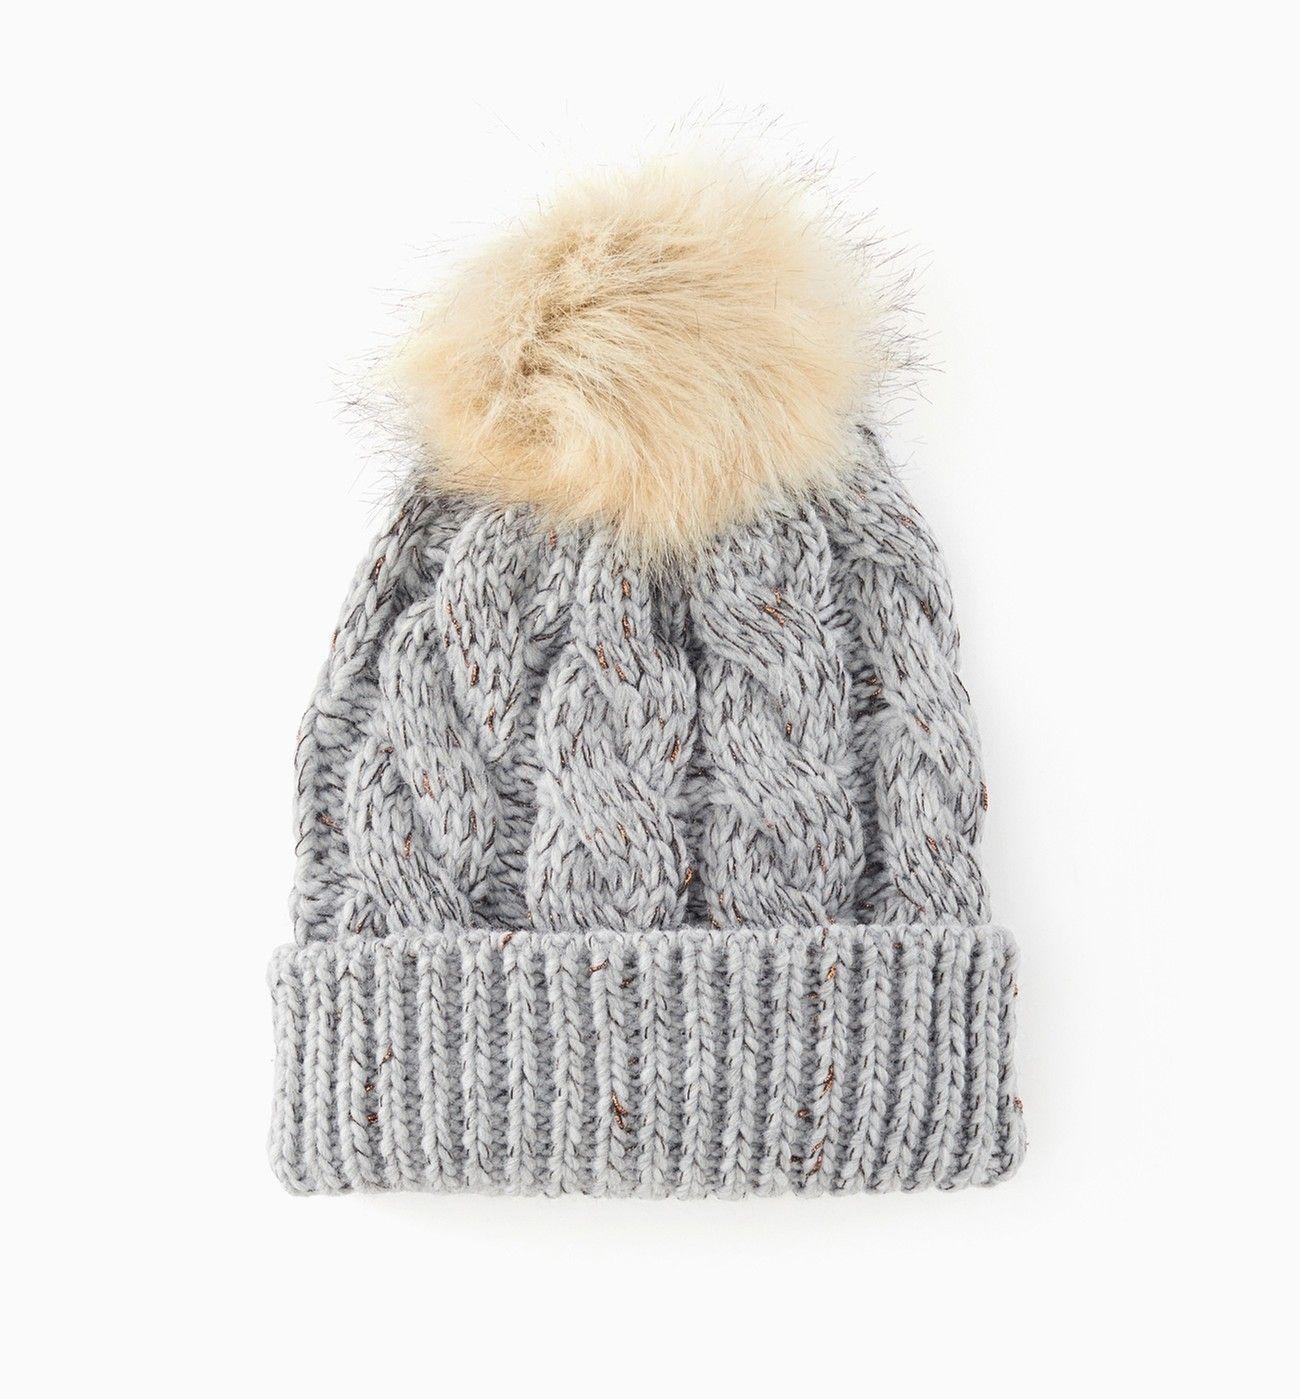 Bonnet à pompon - Gris - Accessoires - Femme - Promod   Anniversaire ... 31f98a46ad7